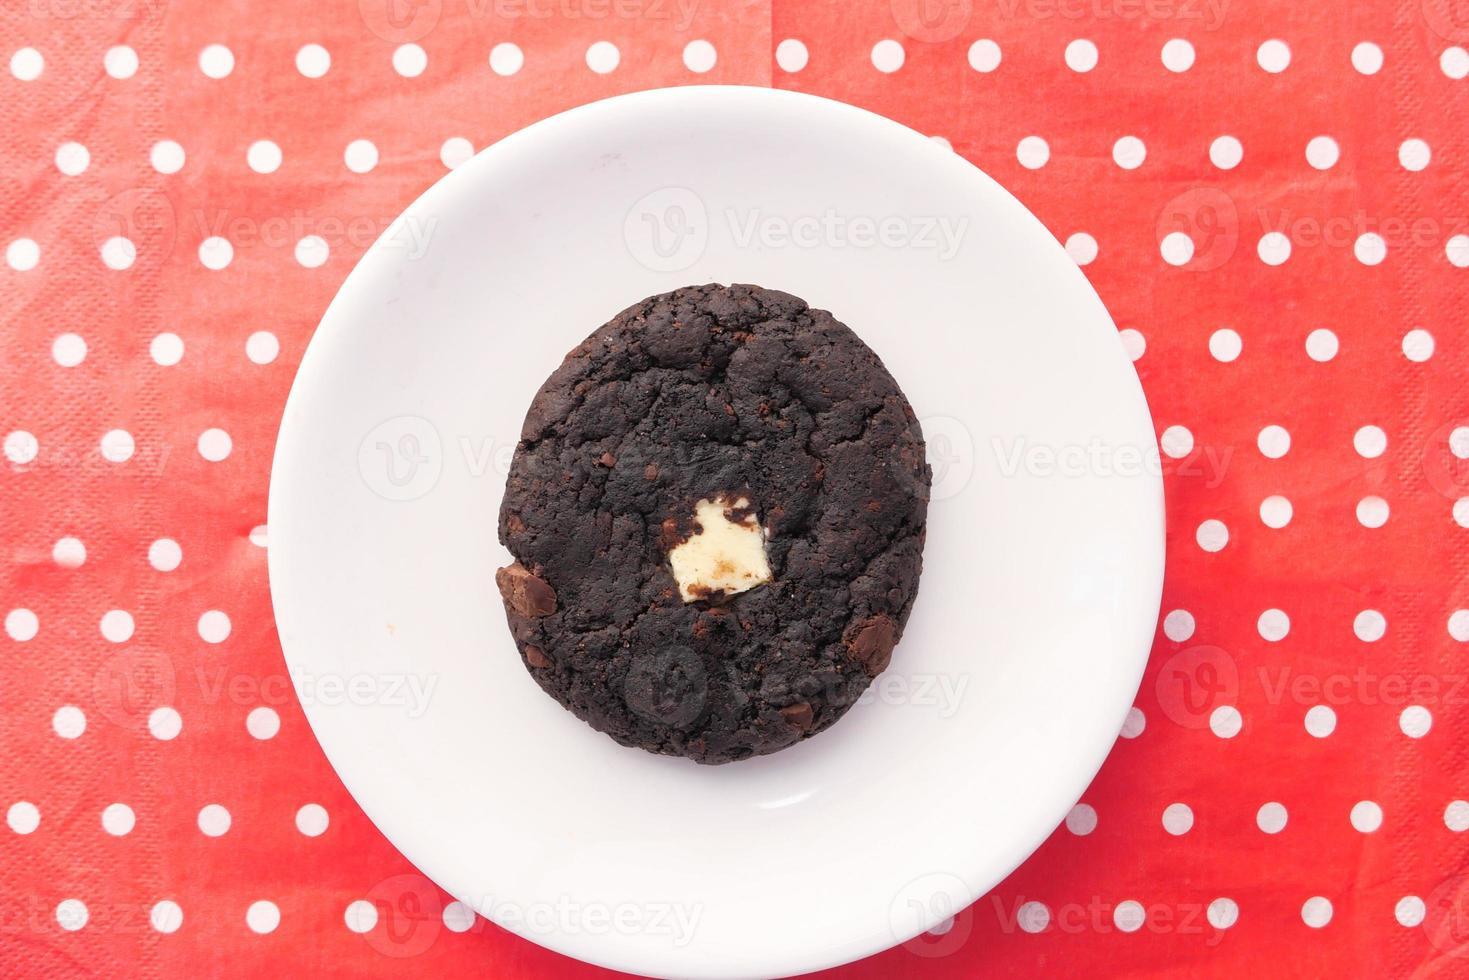 biscoito de chocolate em fundo de bolinhas vermelhas foto